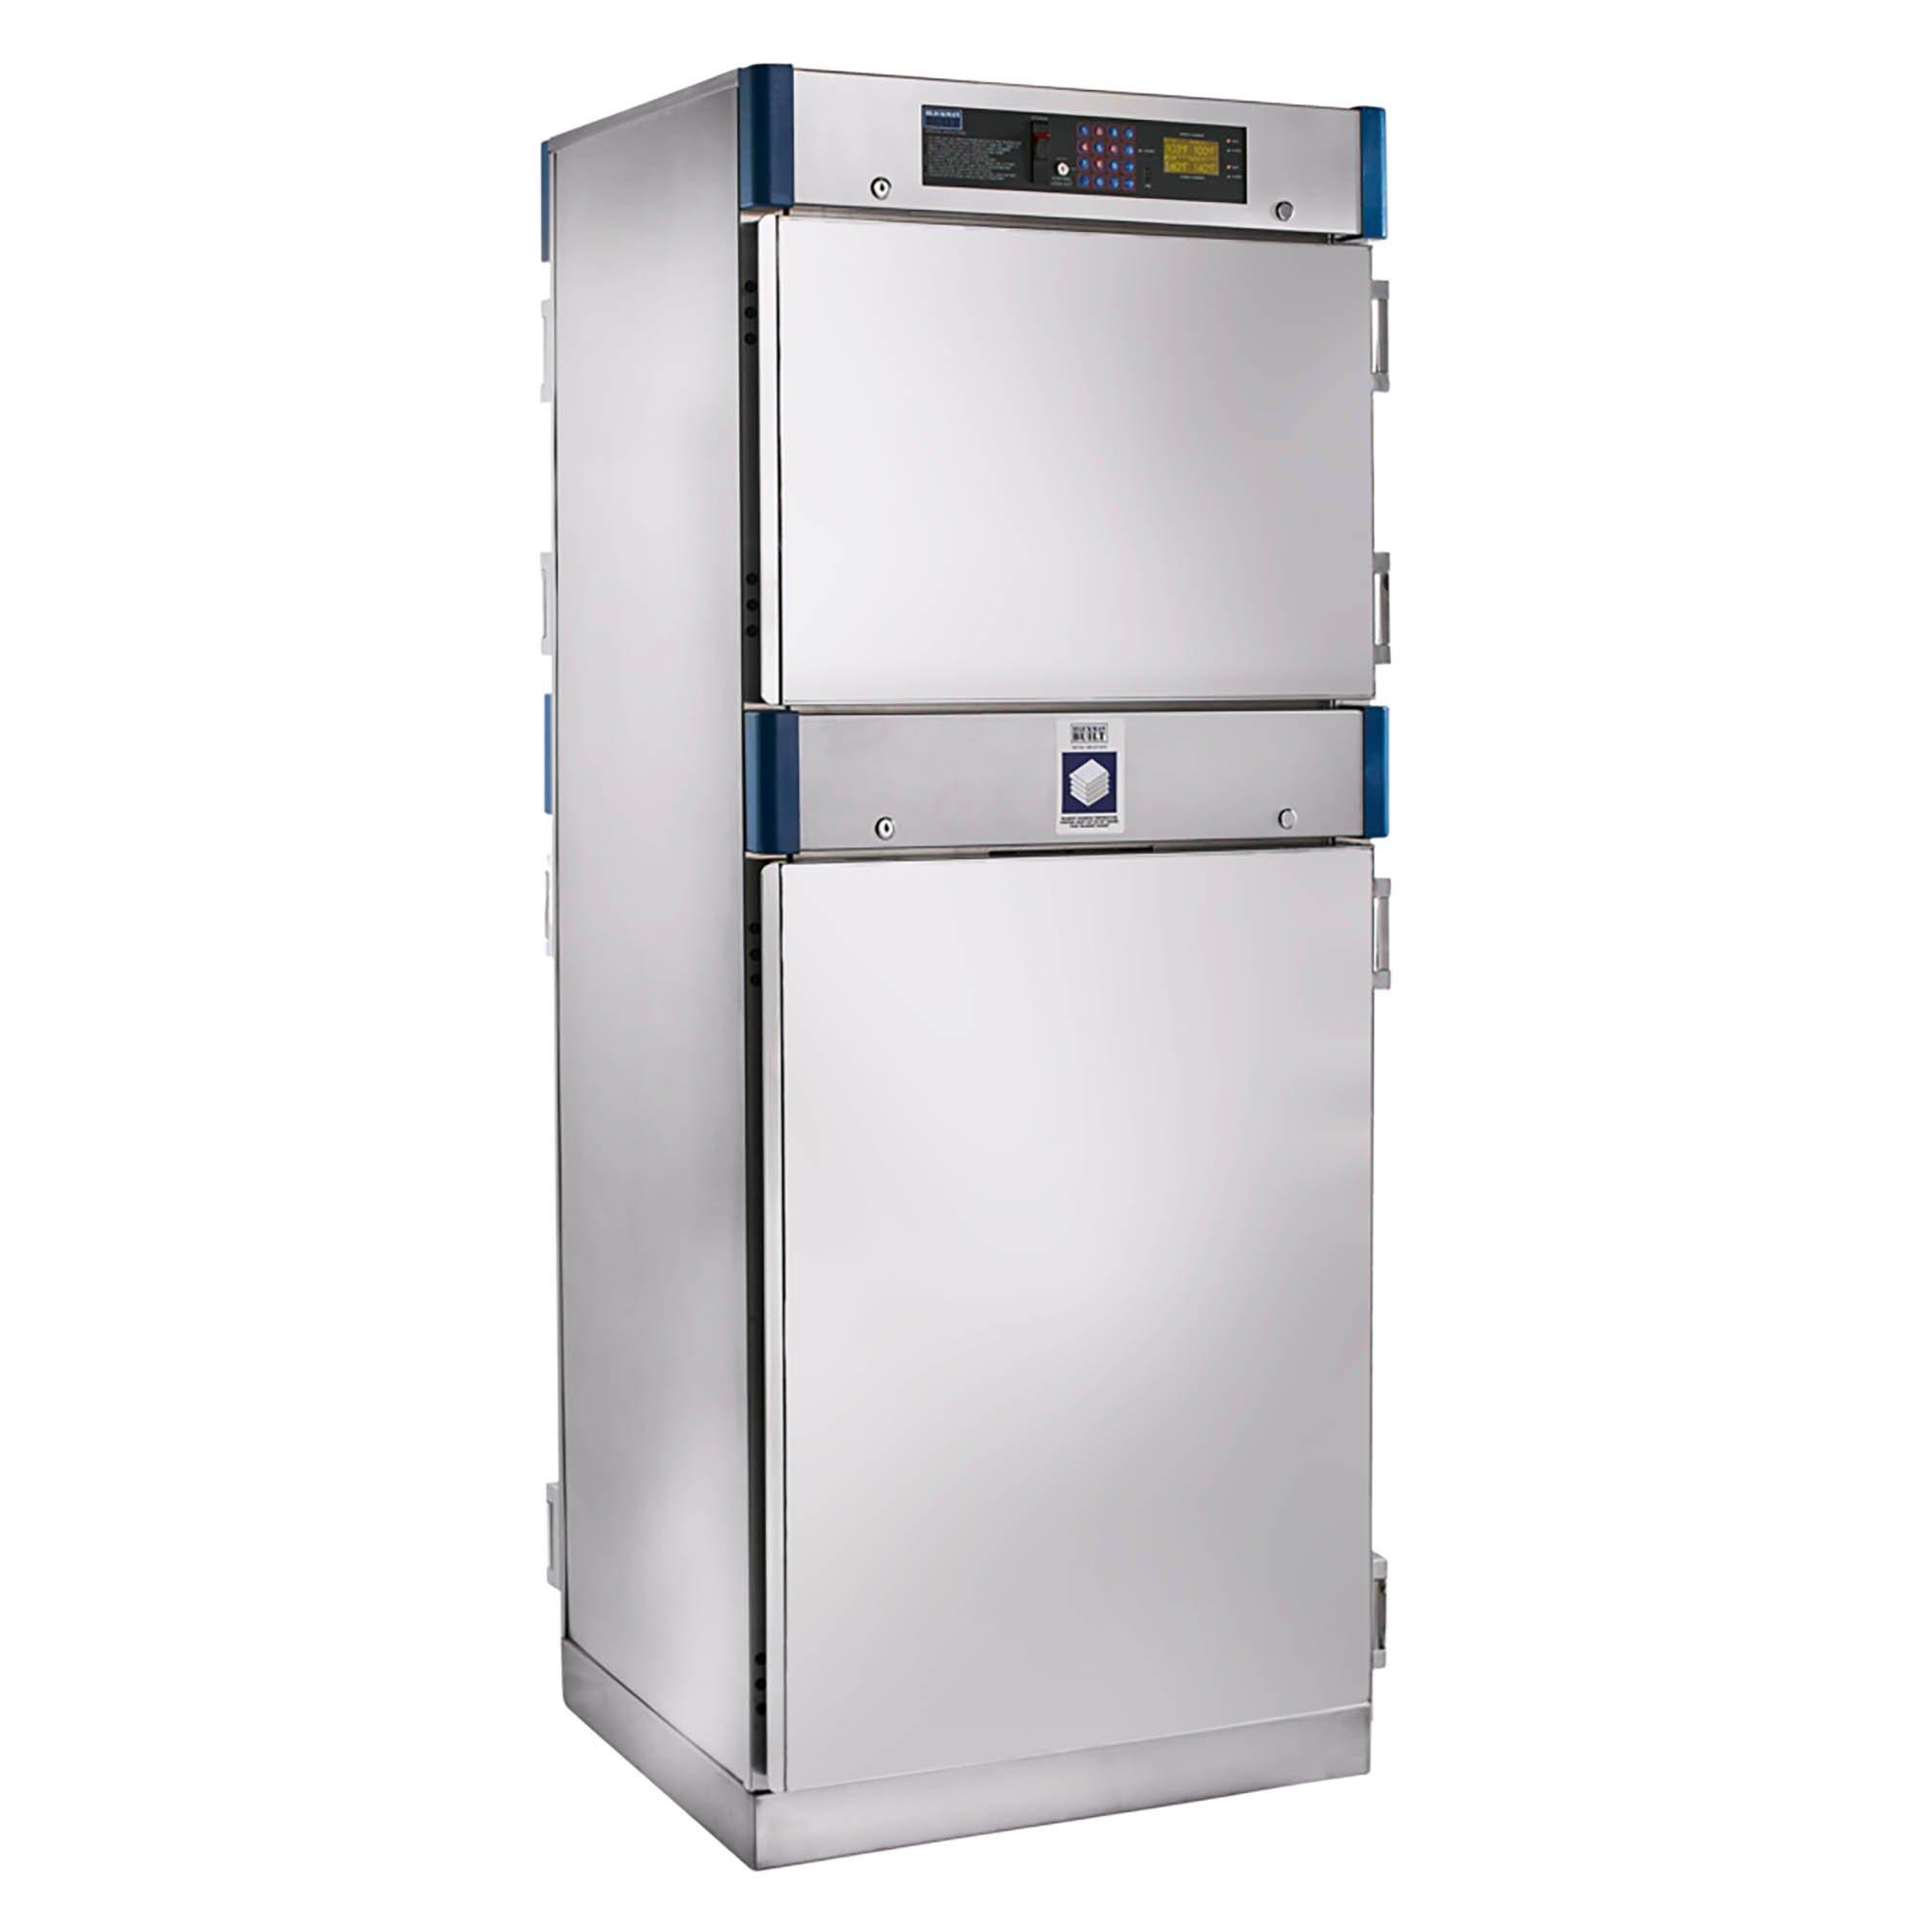 Blickman Warming Cabinets - Double Stainless Steel Door - 74 1/2